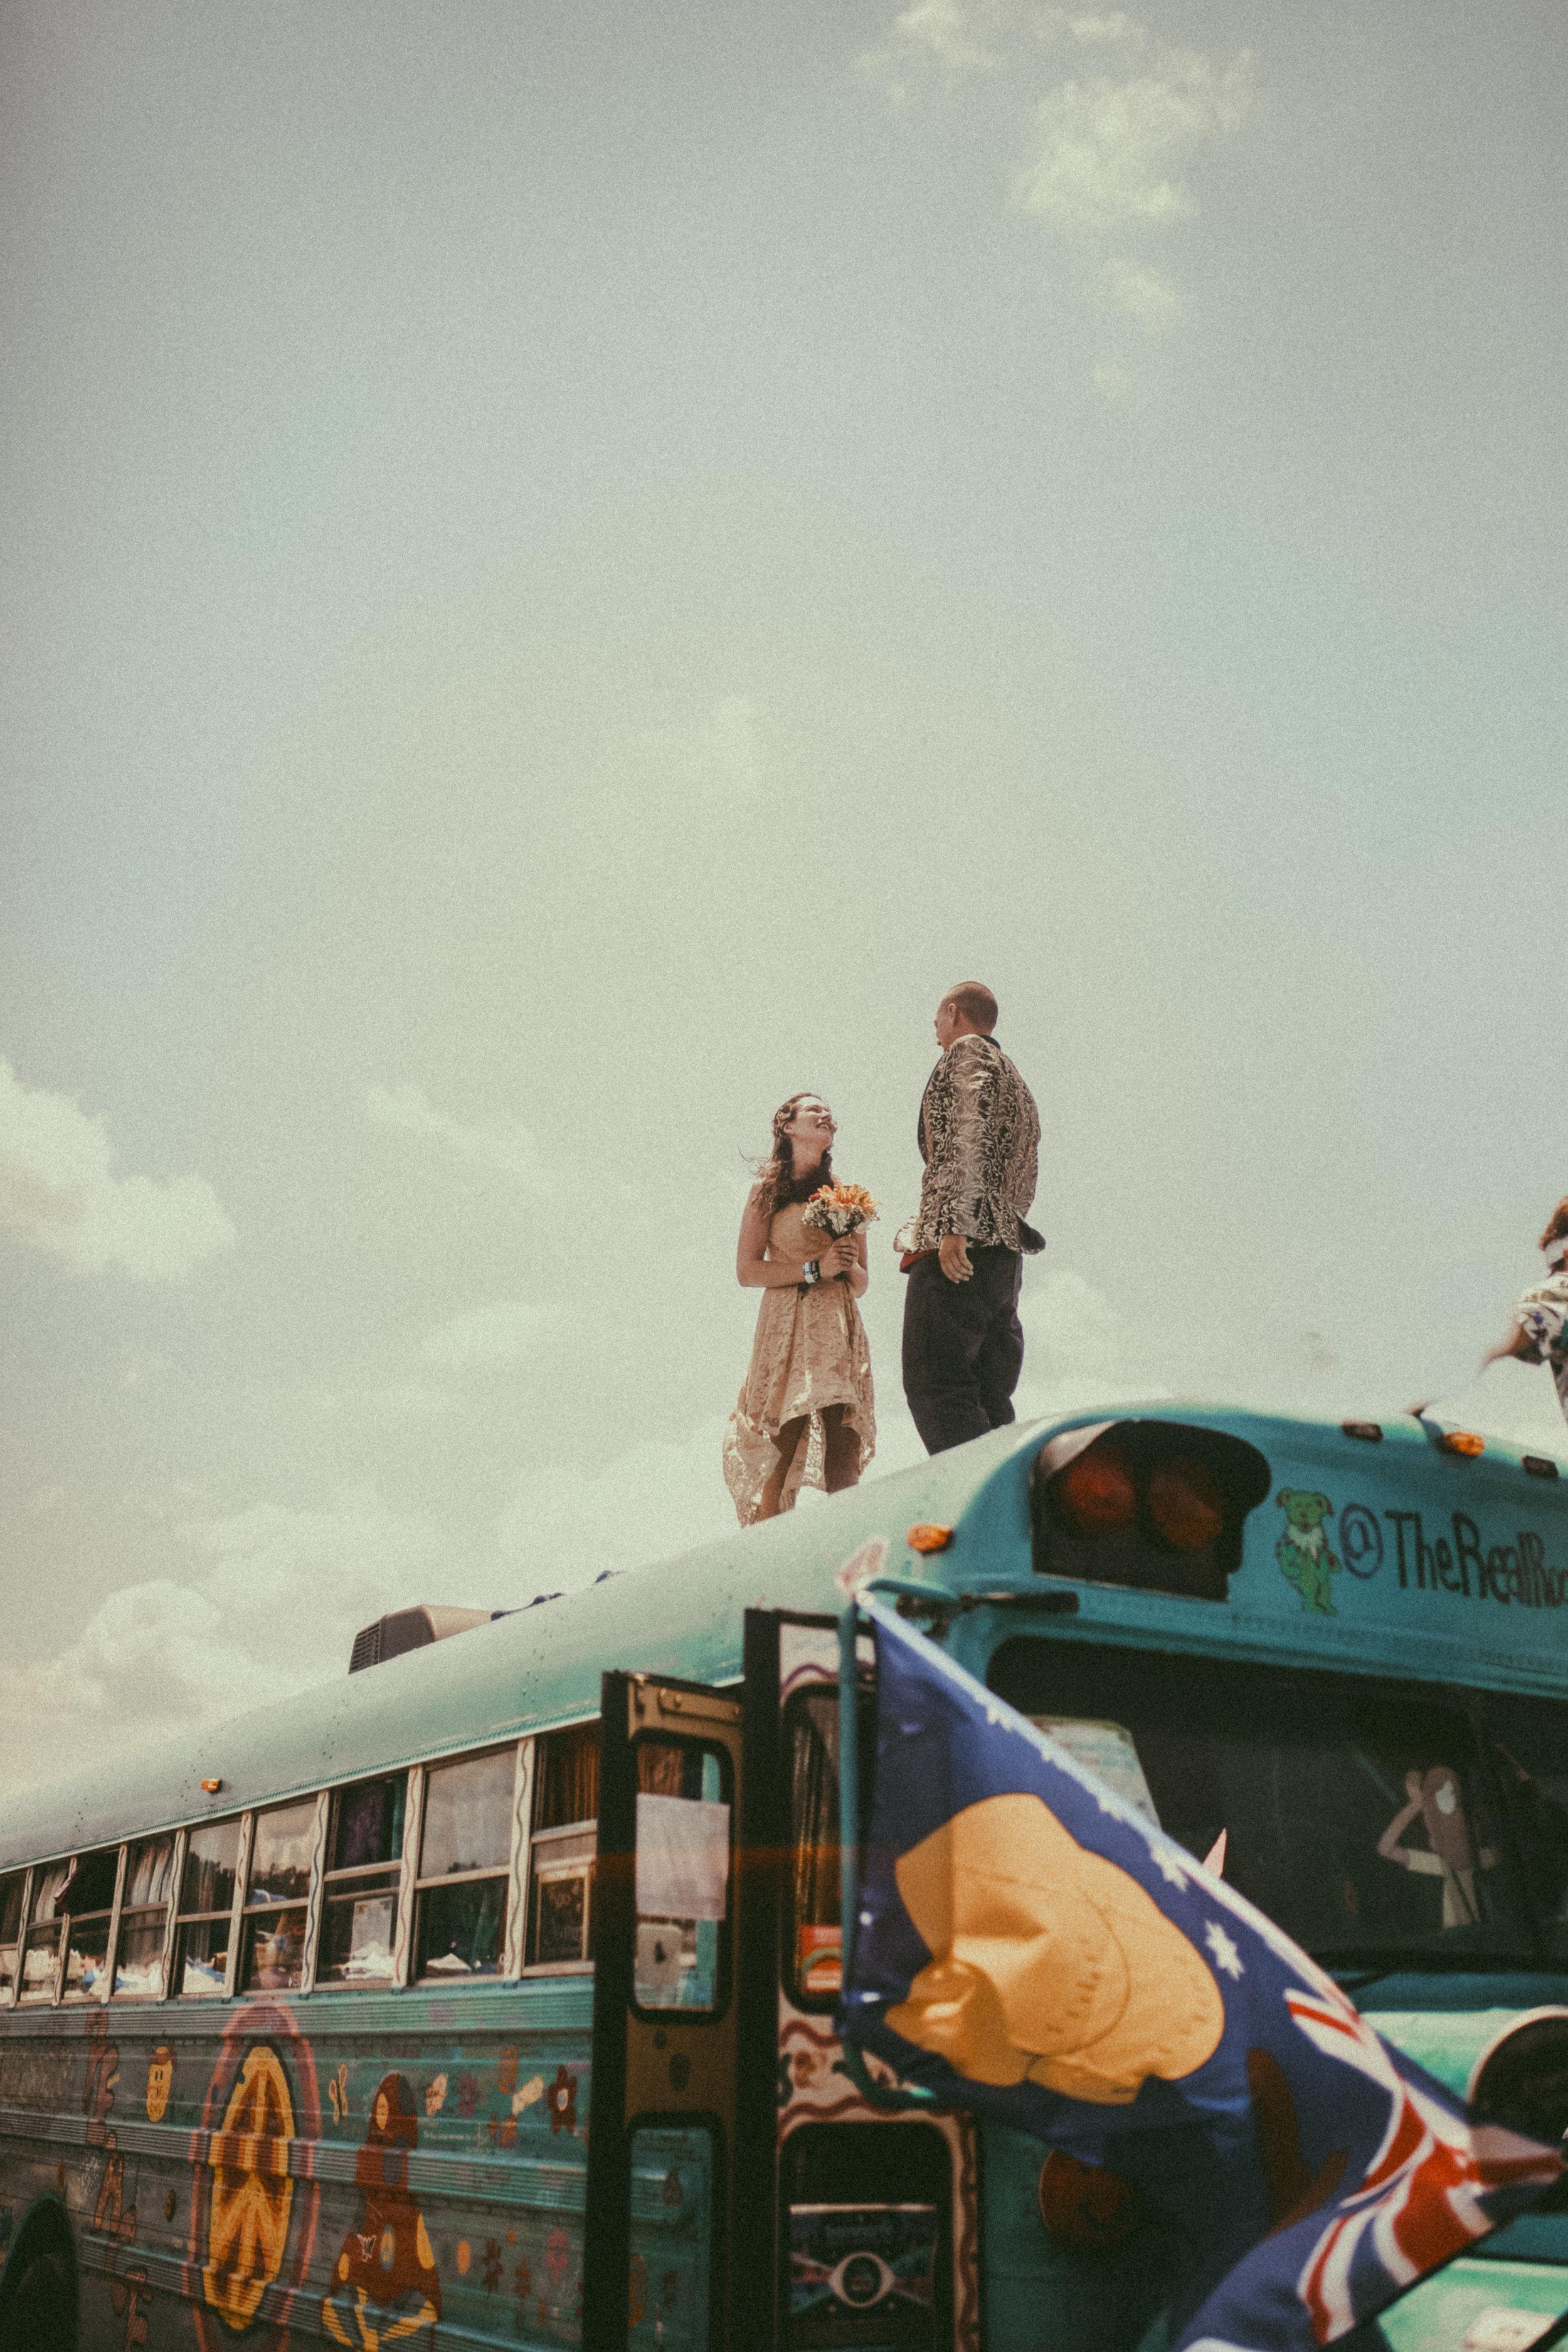 Bonnaroo-MusicFestivalWedding-Brittany&Kevin-17.jpg